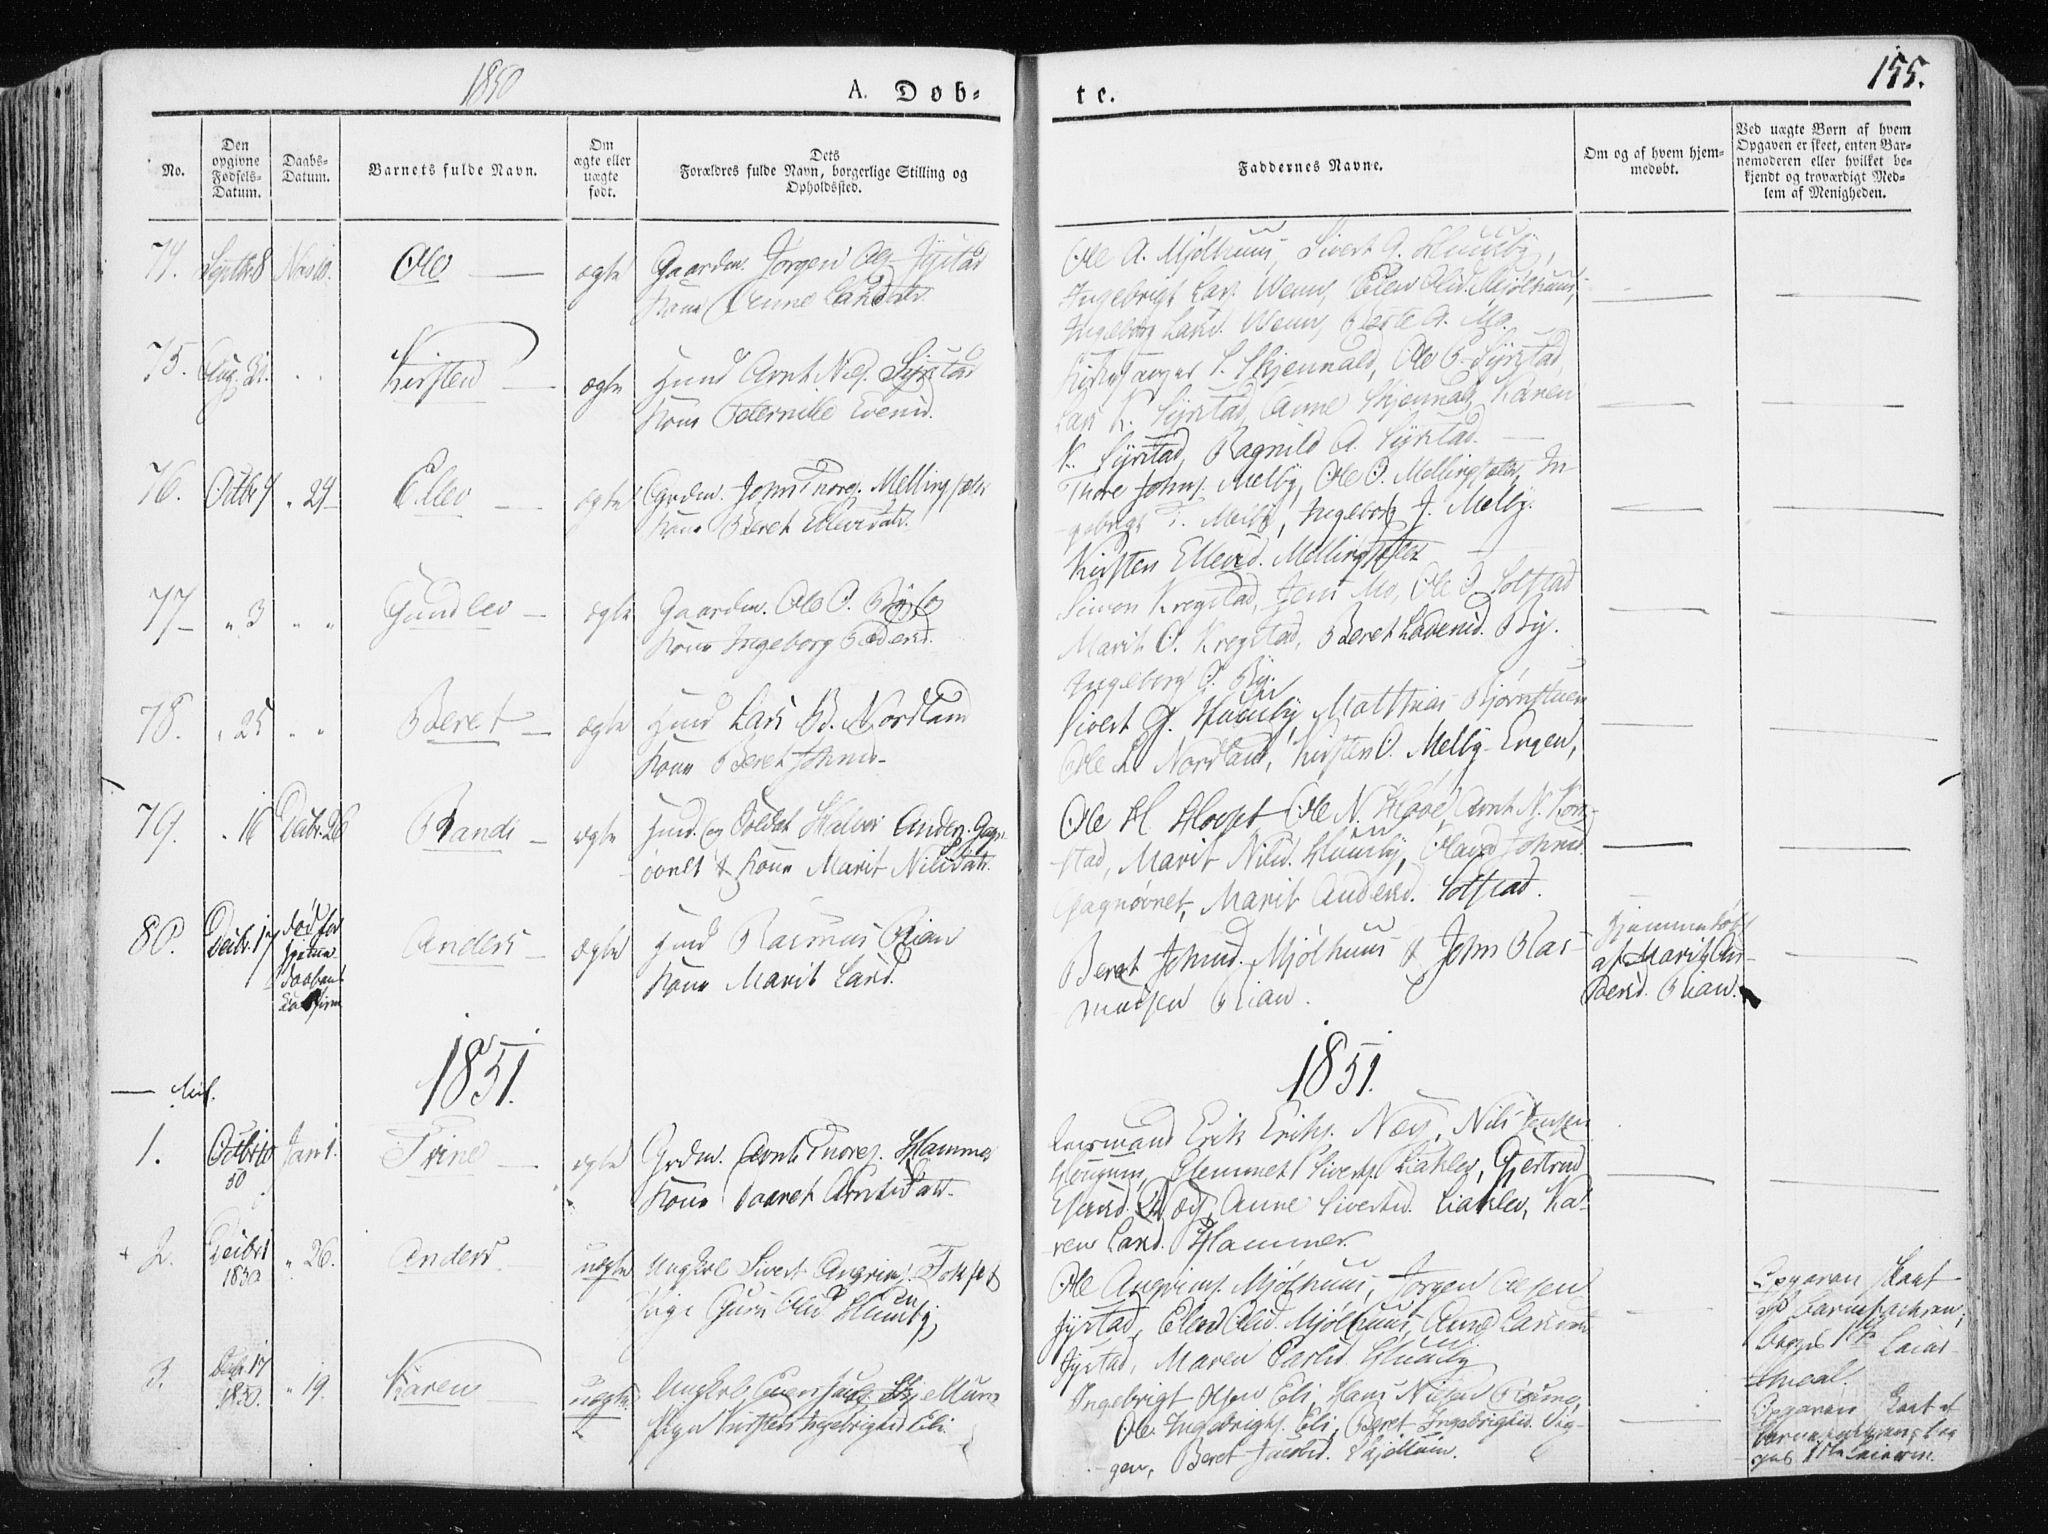 SAT, Ministerialprotokoller, klokkerbøker og fødselsregistre - Sør-Trøndelag, 665/L0771: Ministerialbok nr. 665A06, 1830-1856, s. 155